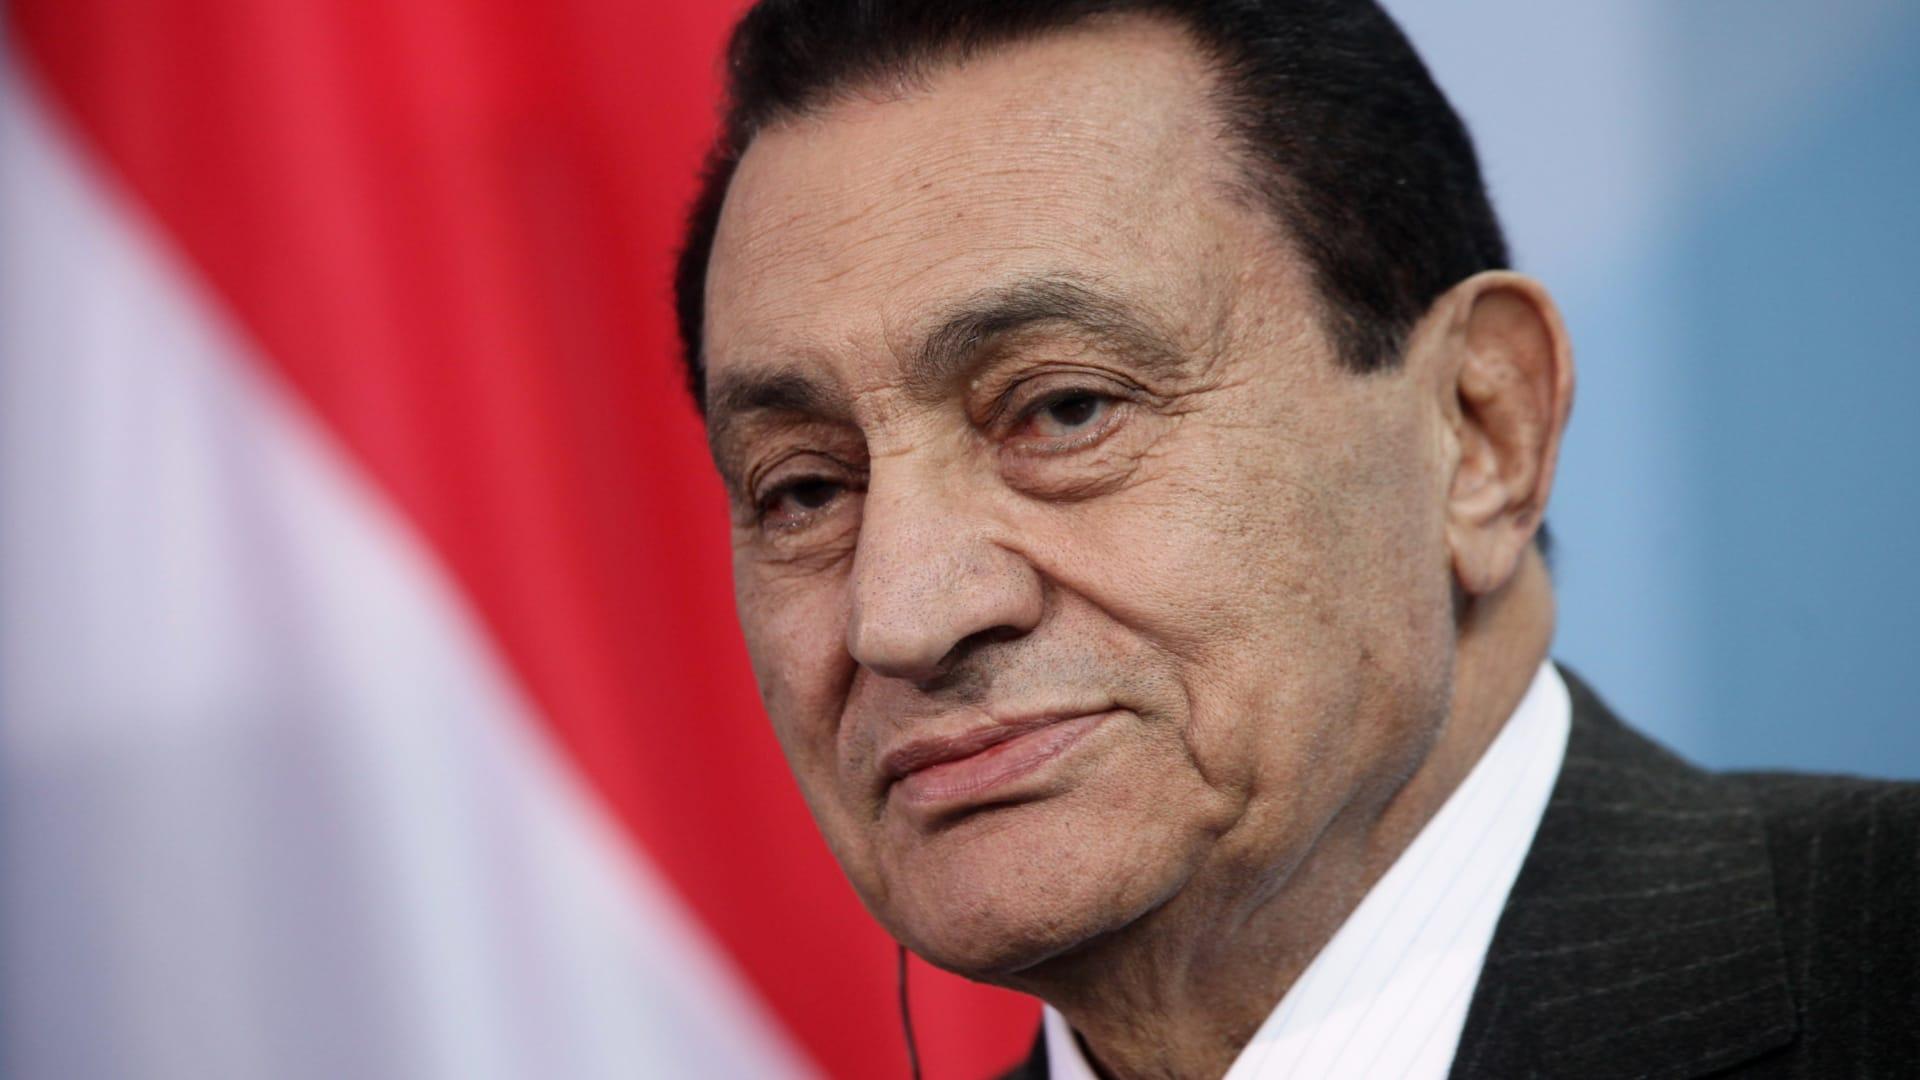 كاتب مصري: حسني مبارك تتدخل لمنح محمود عبدالعزيز دور رأفت الهجان